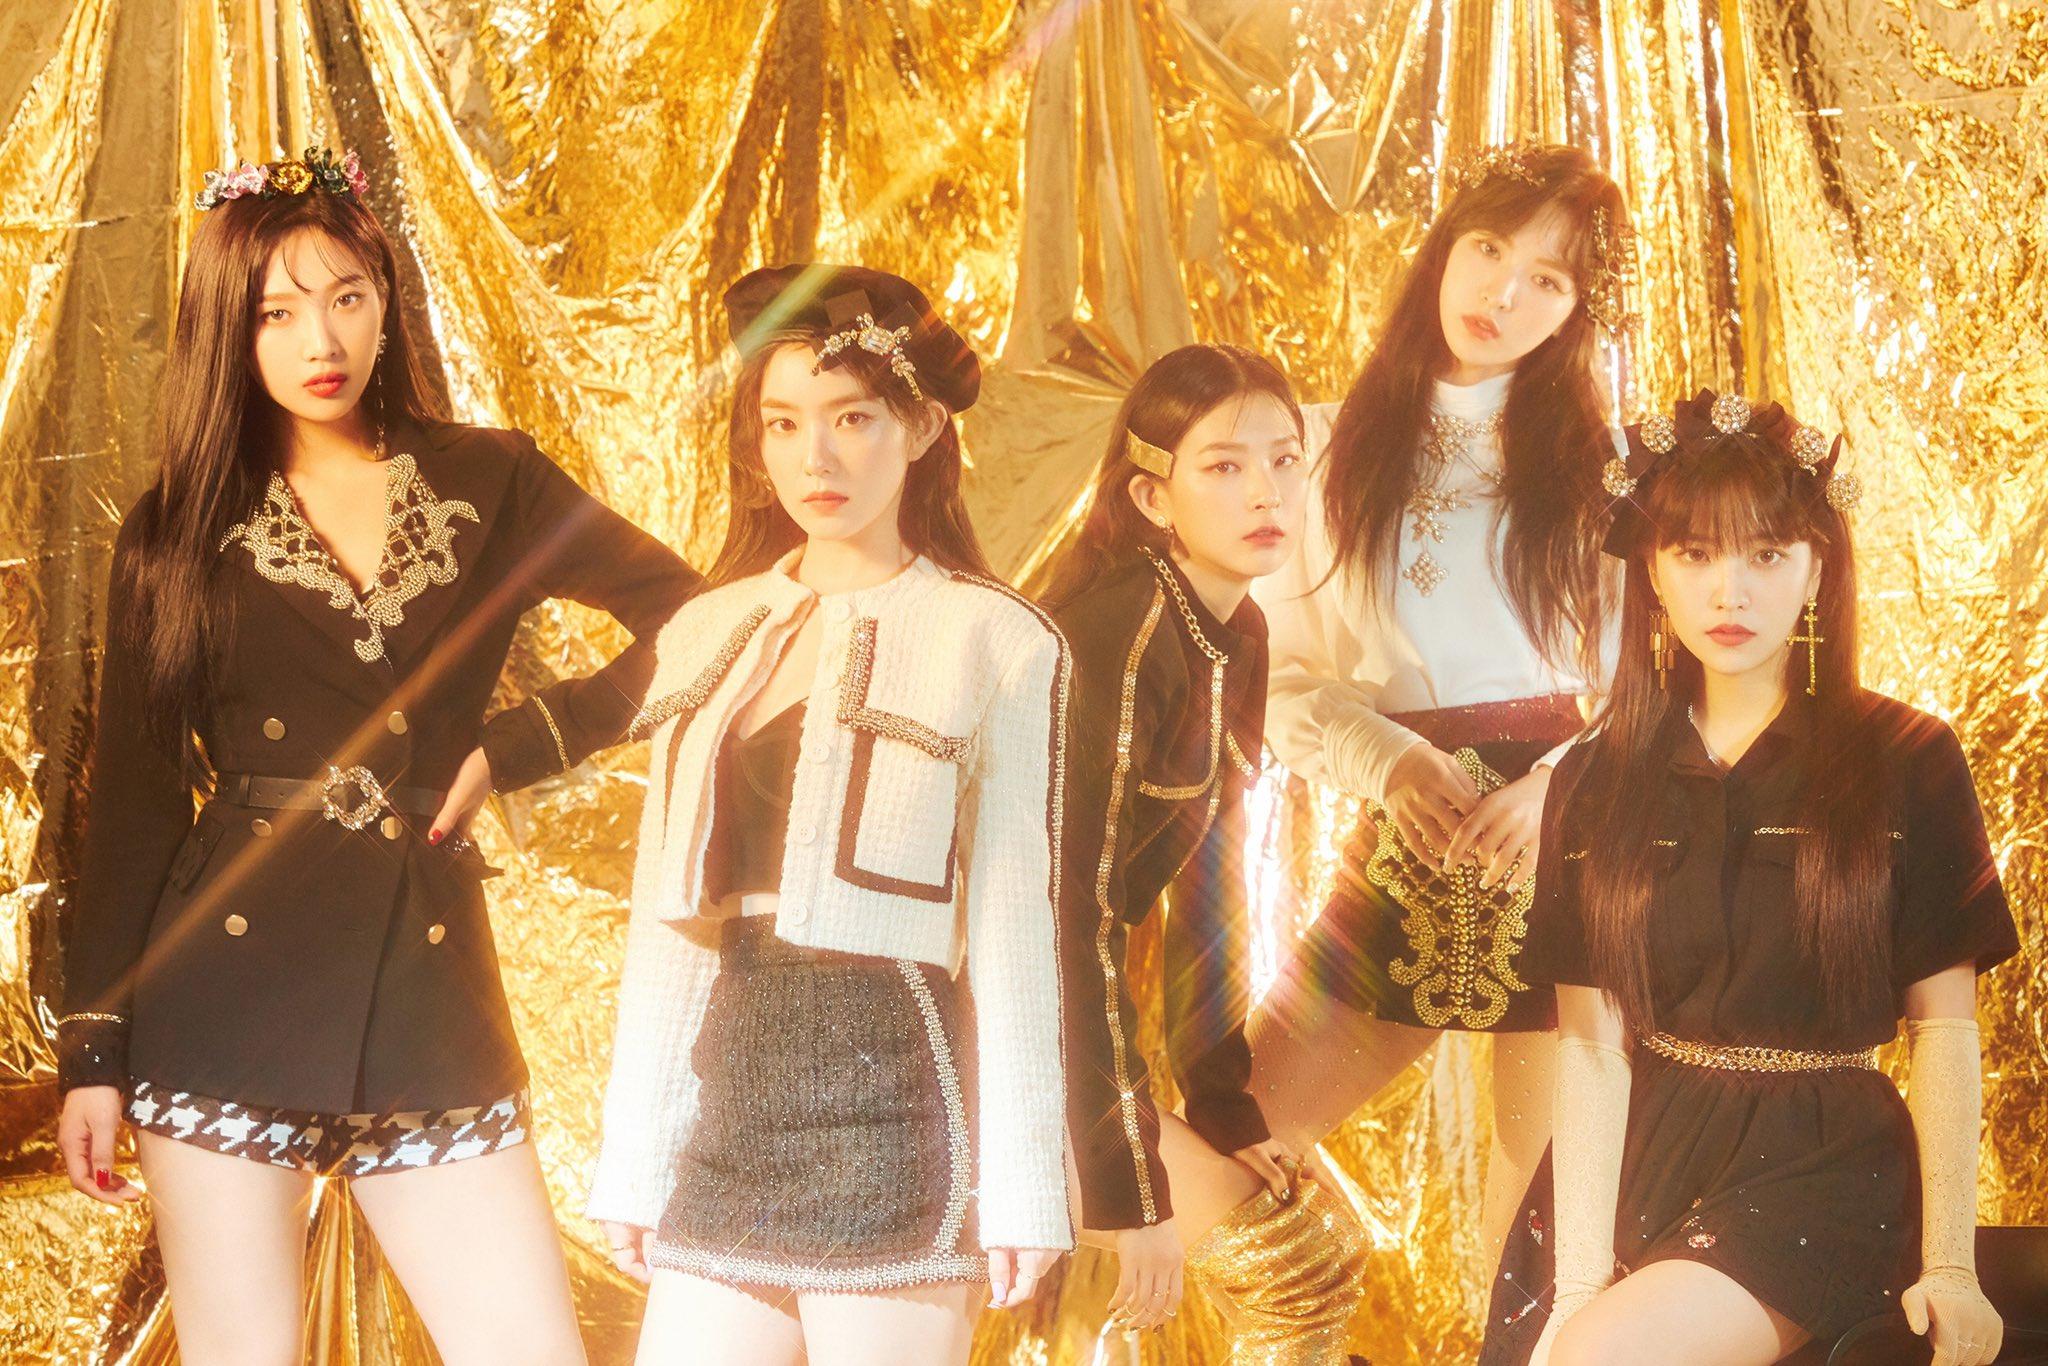 Red Velvet On Twitter Red Velvet 레드벨벳 The 5th Mini Album Rbb